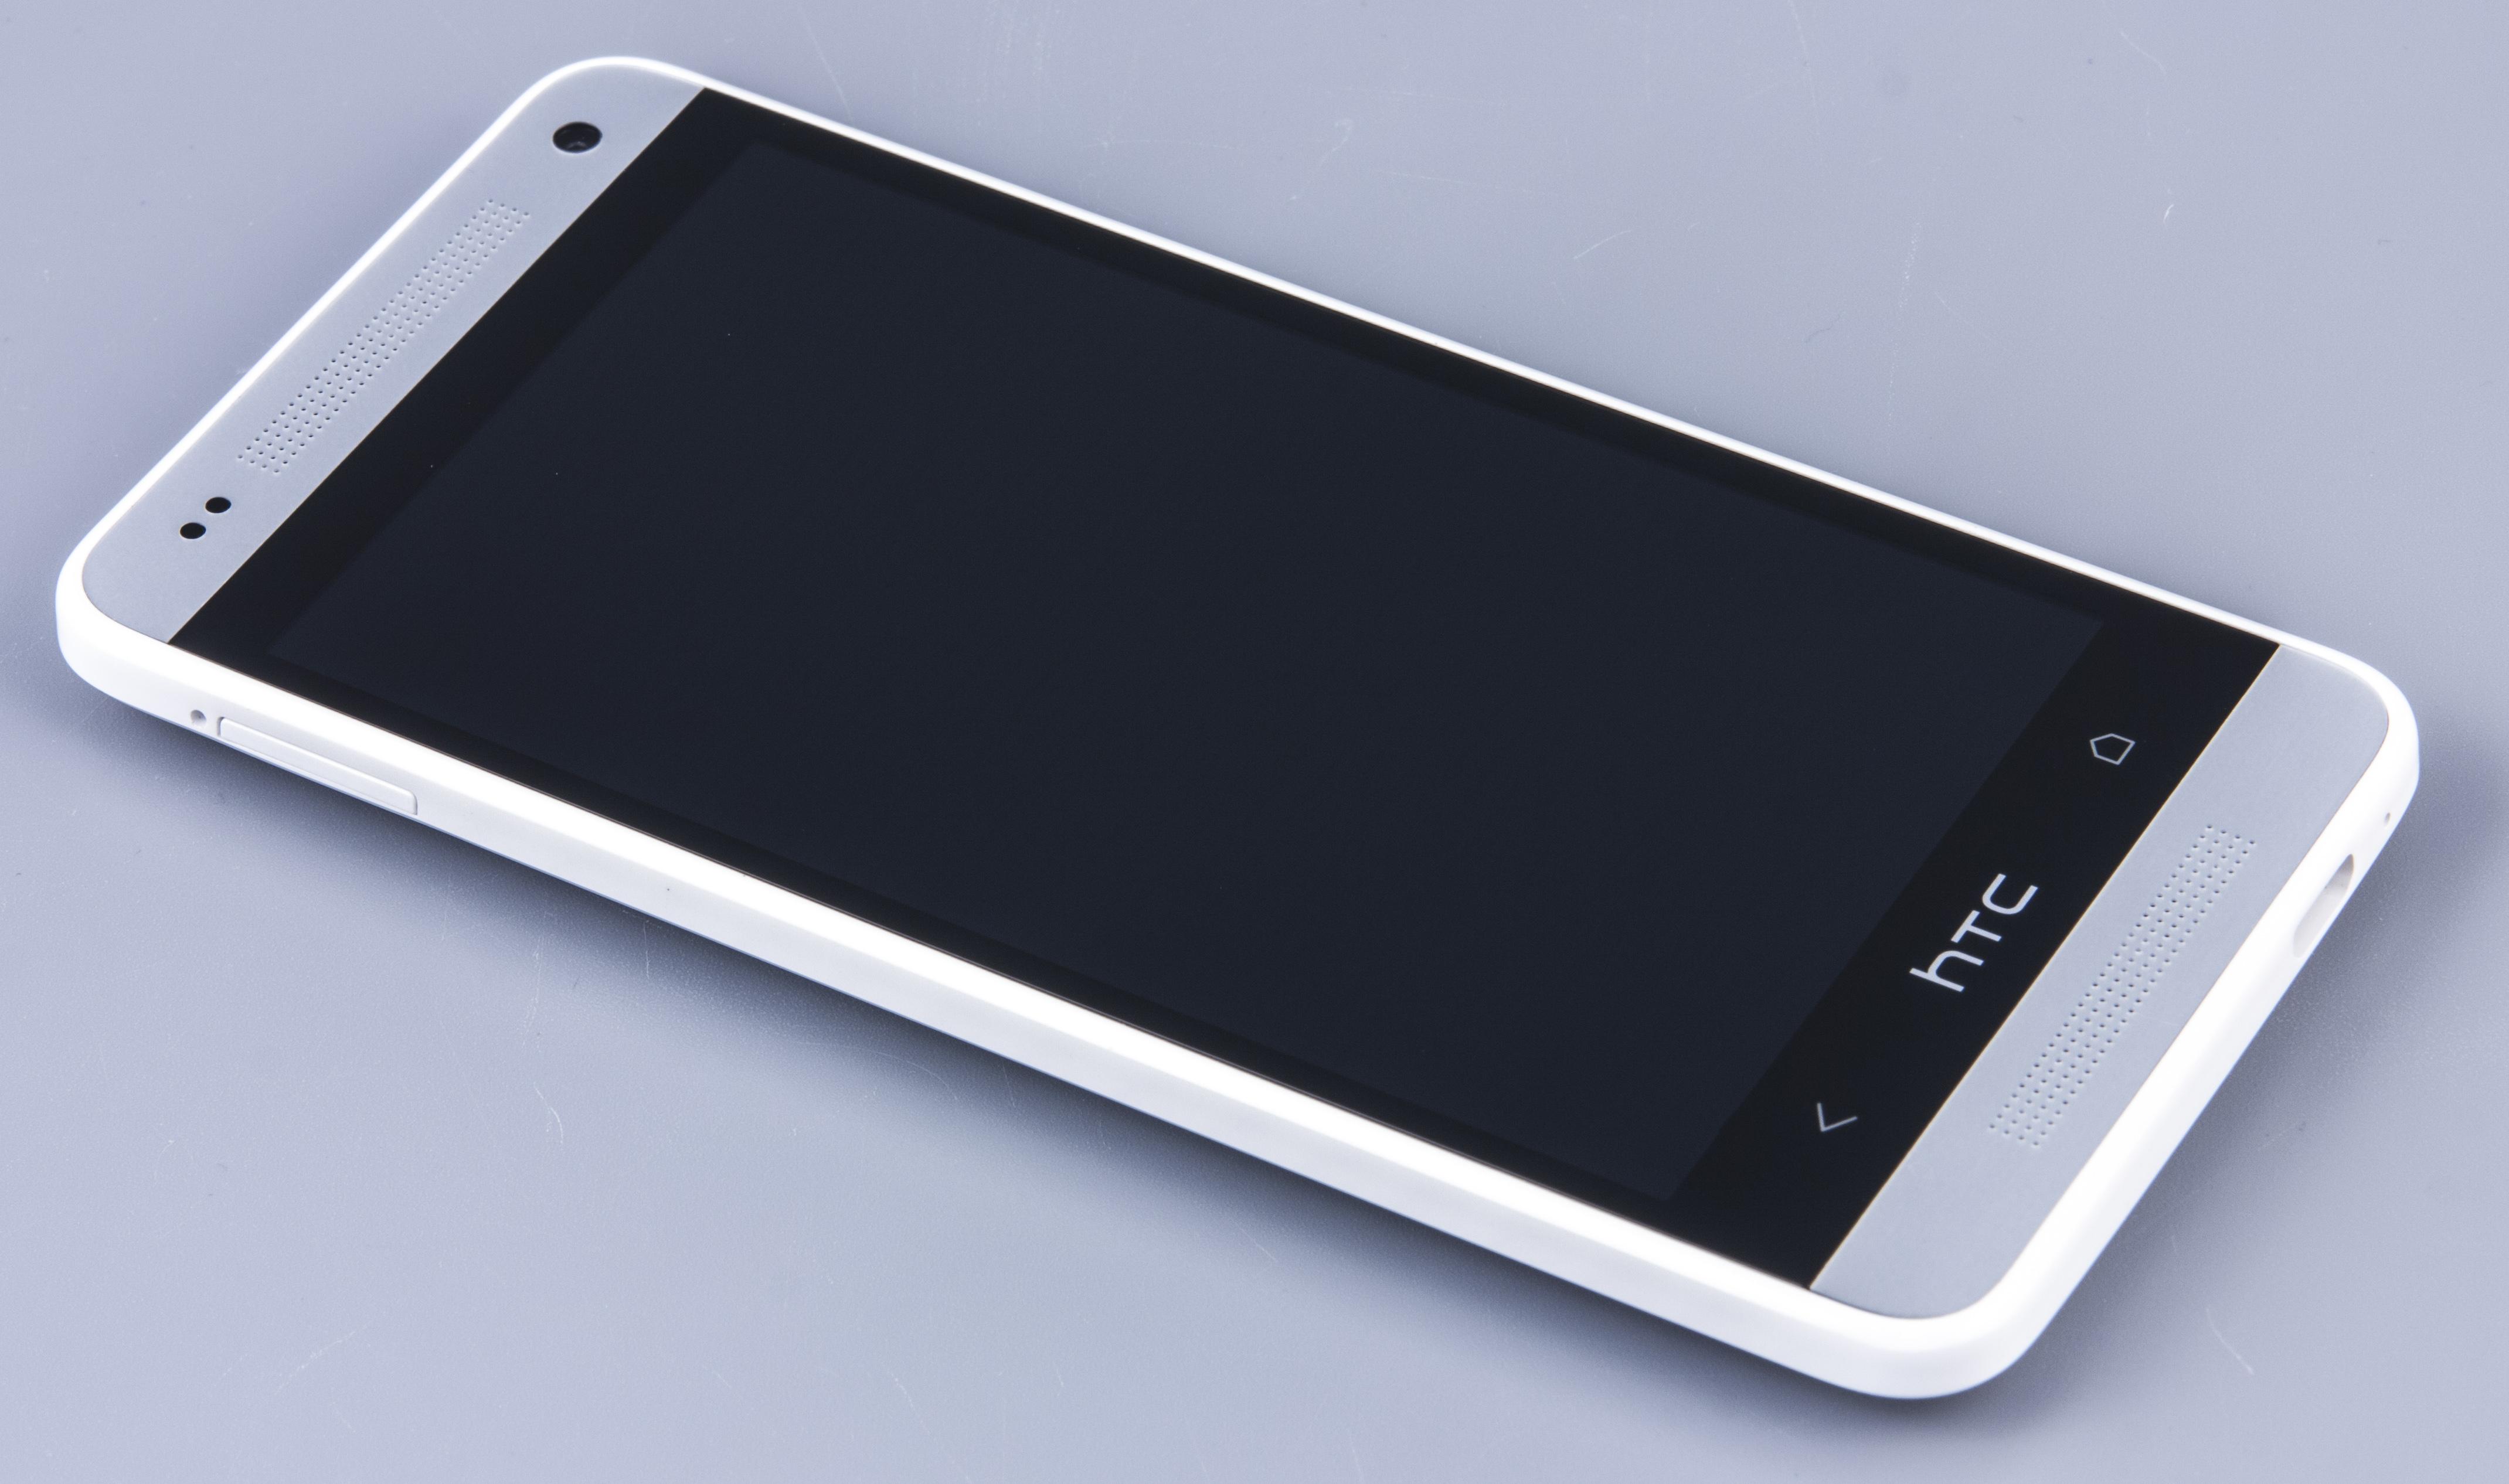 картинки телефона сенсорного большого что всех